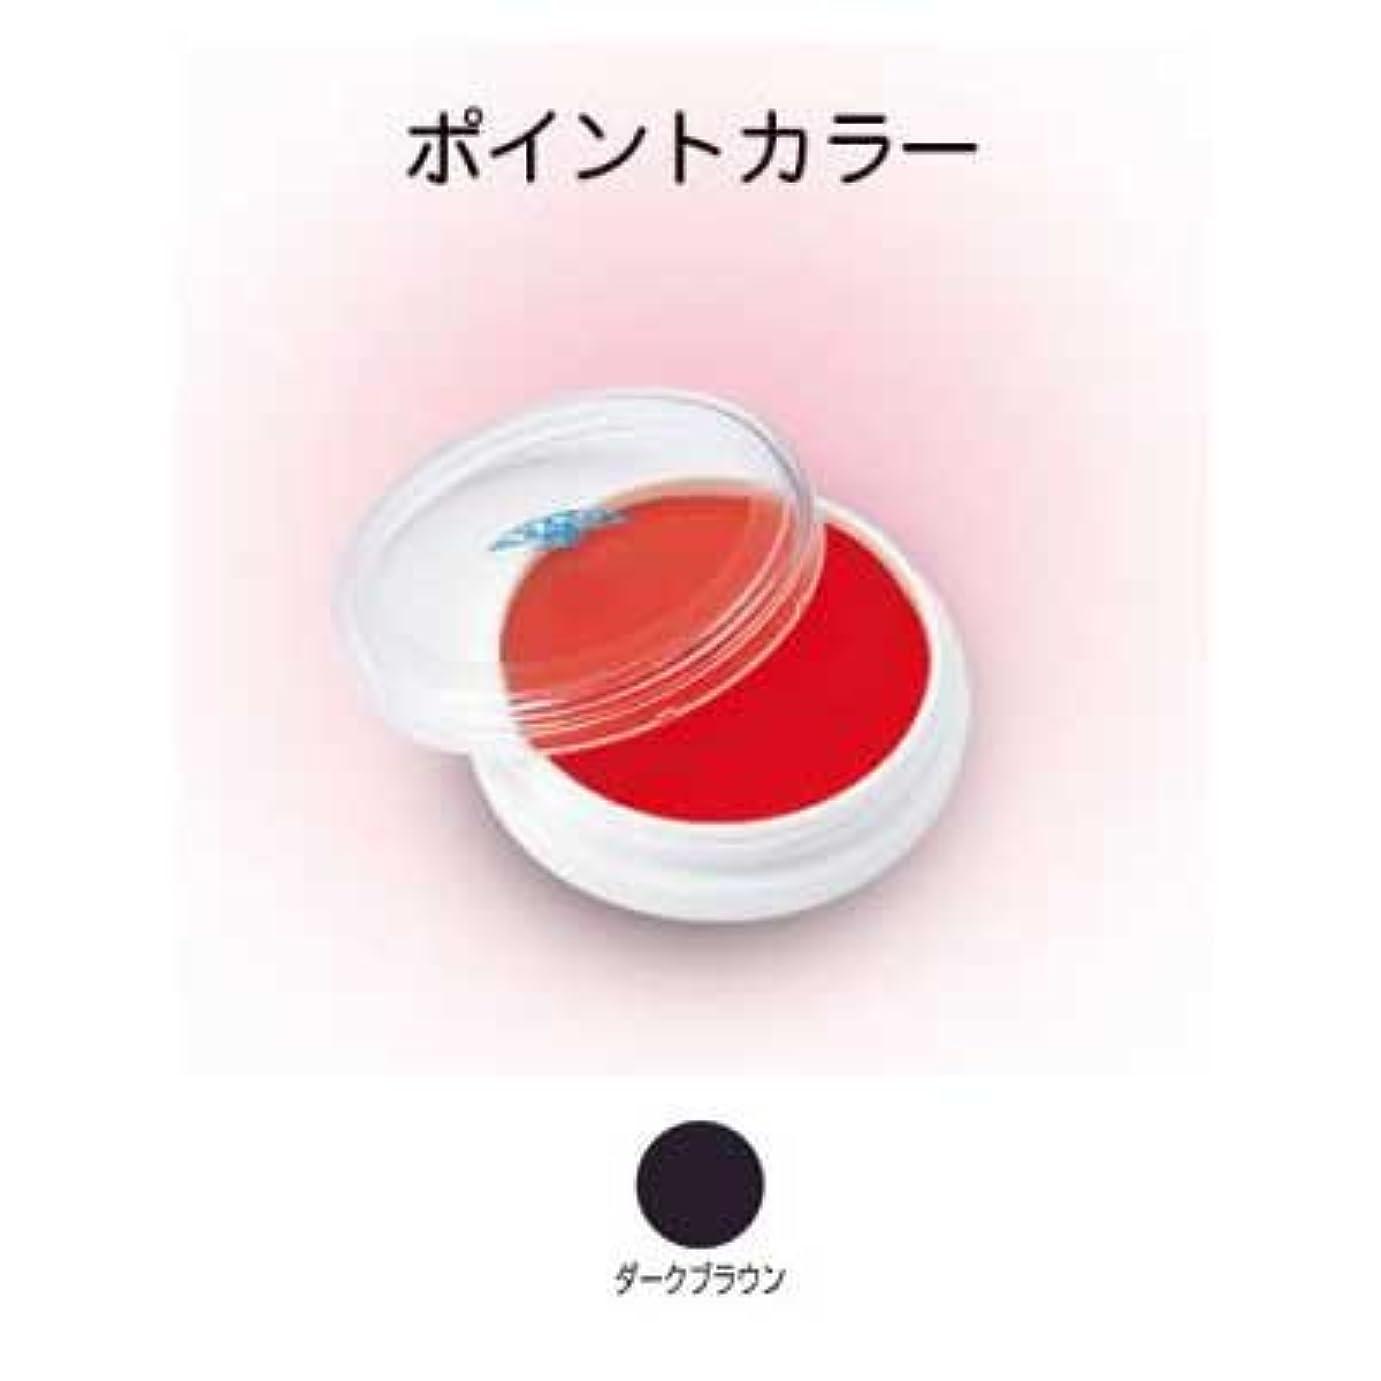 悪のオセアニアソーダ水アクアカラー 4g ダークブラウン 【三善】